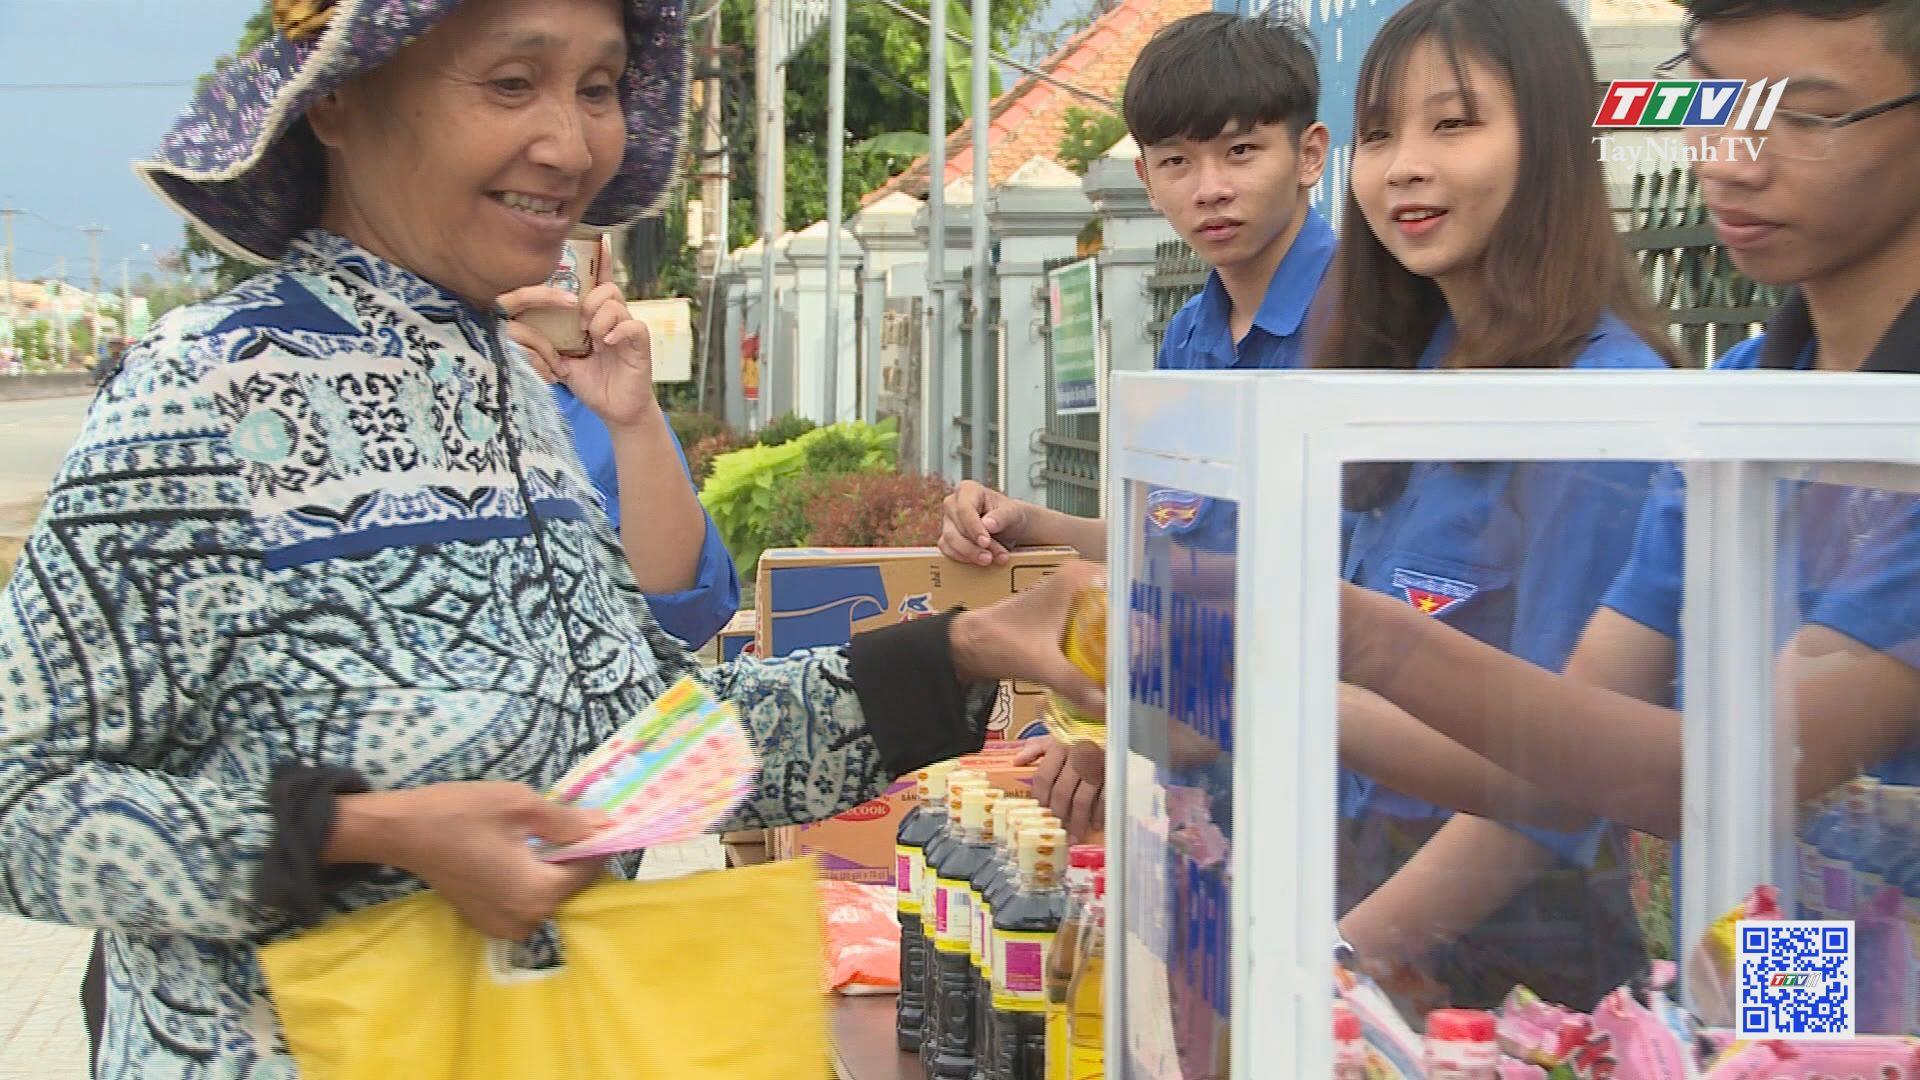 Phường Đoàn Gia Bình với các hoạt động giàu tính nhân văn | THANH NIÊN | TayNinhTV